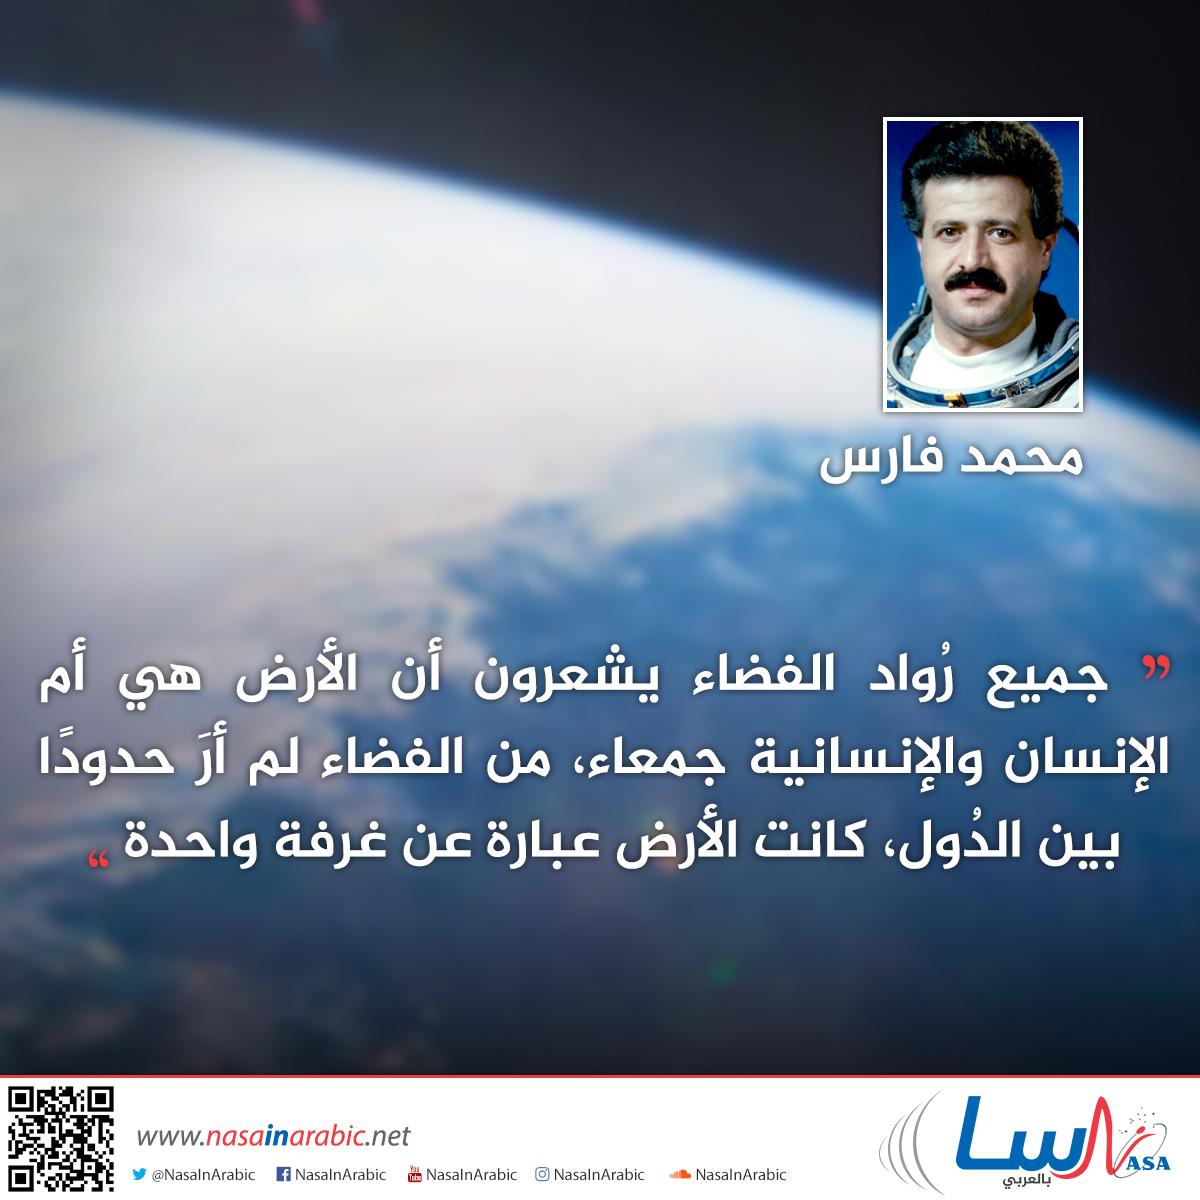 الأرض أم الإنسان